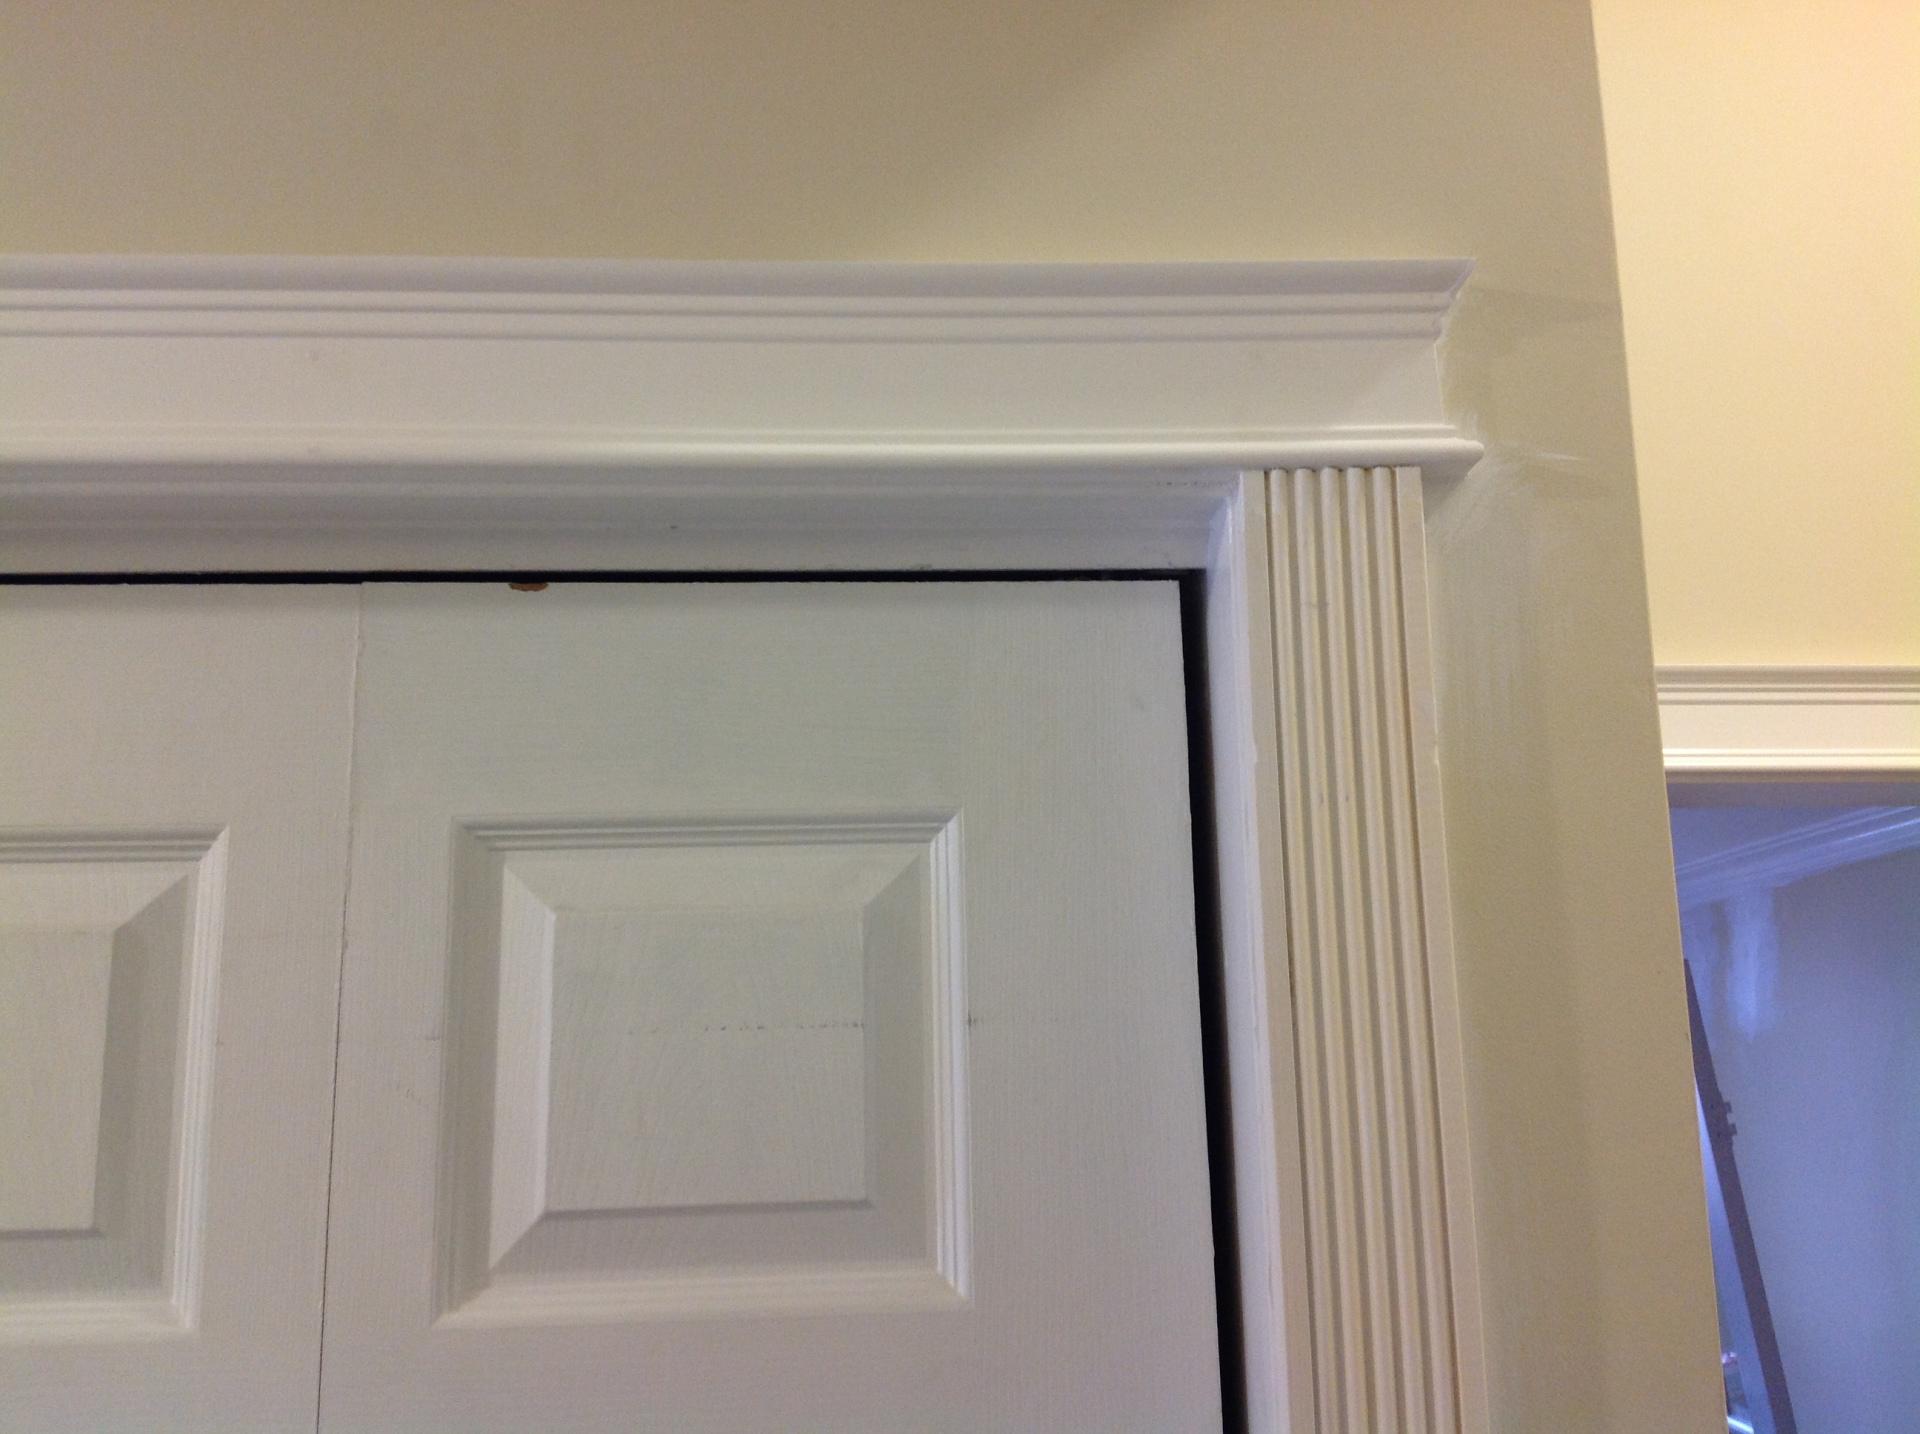 Mantel work over bi-fold door